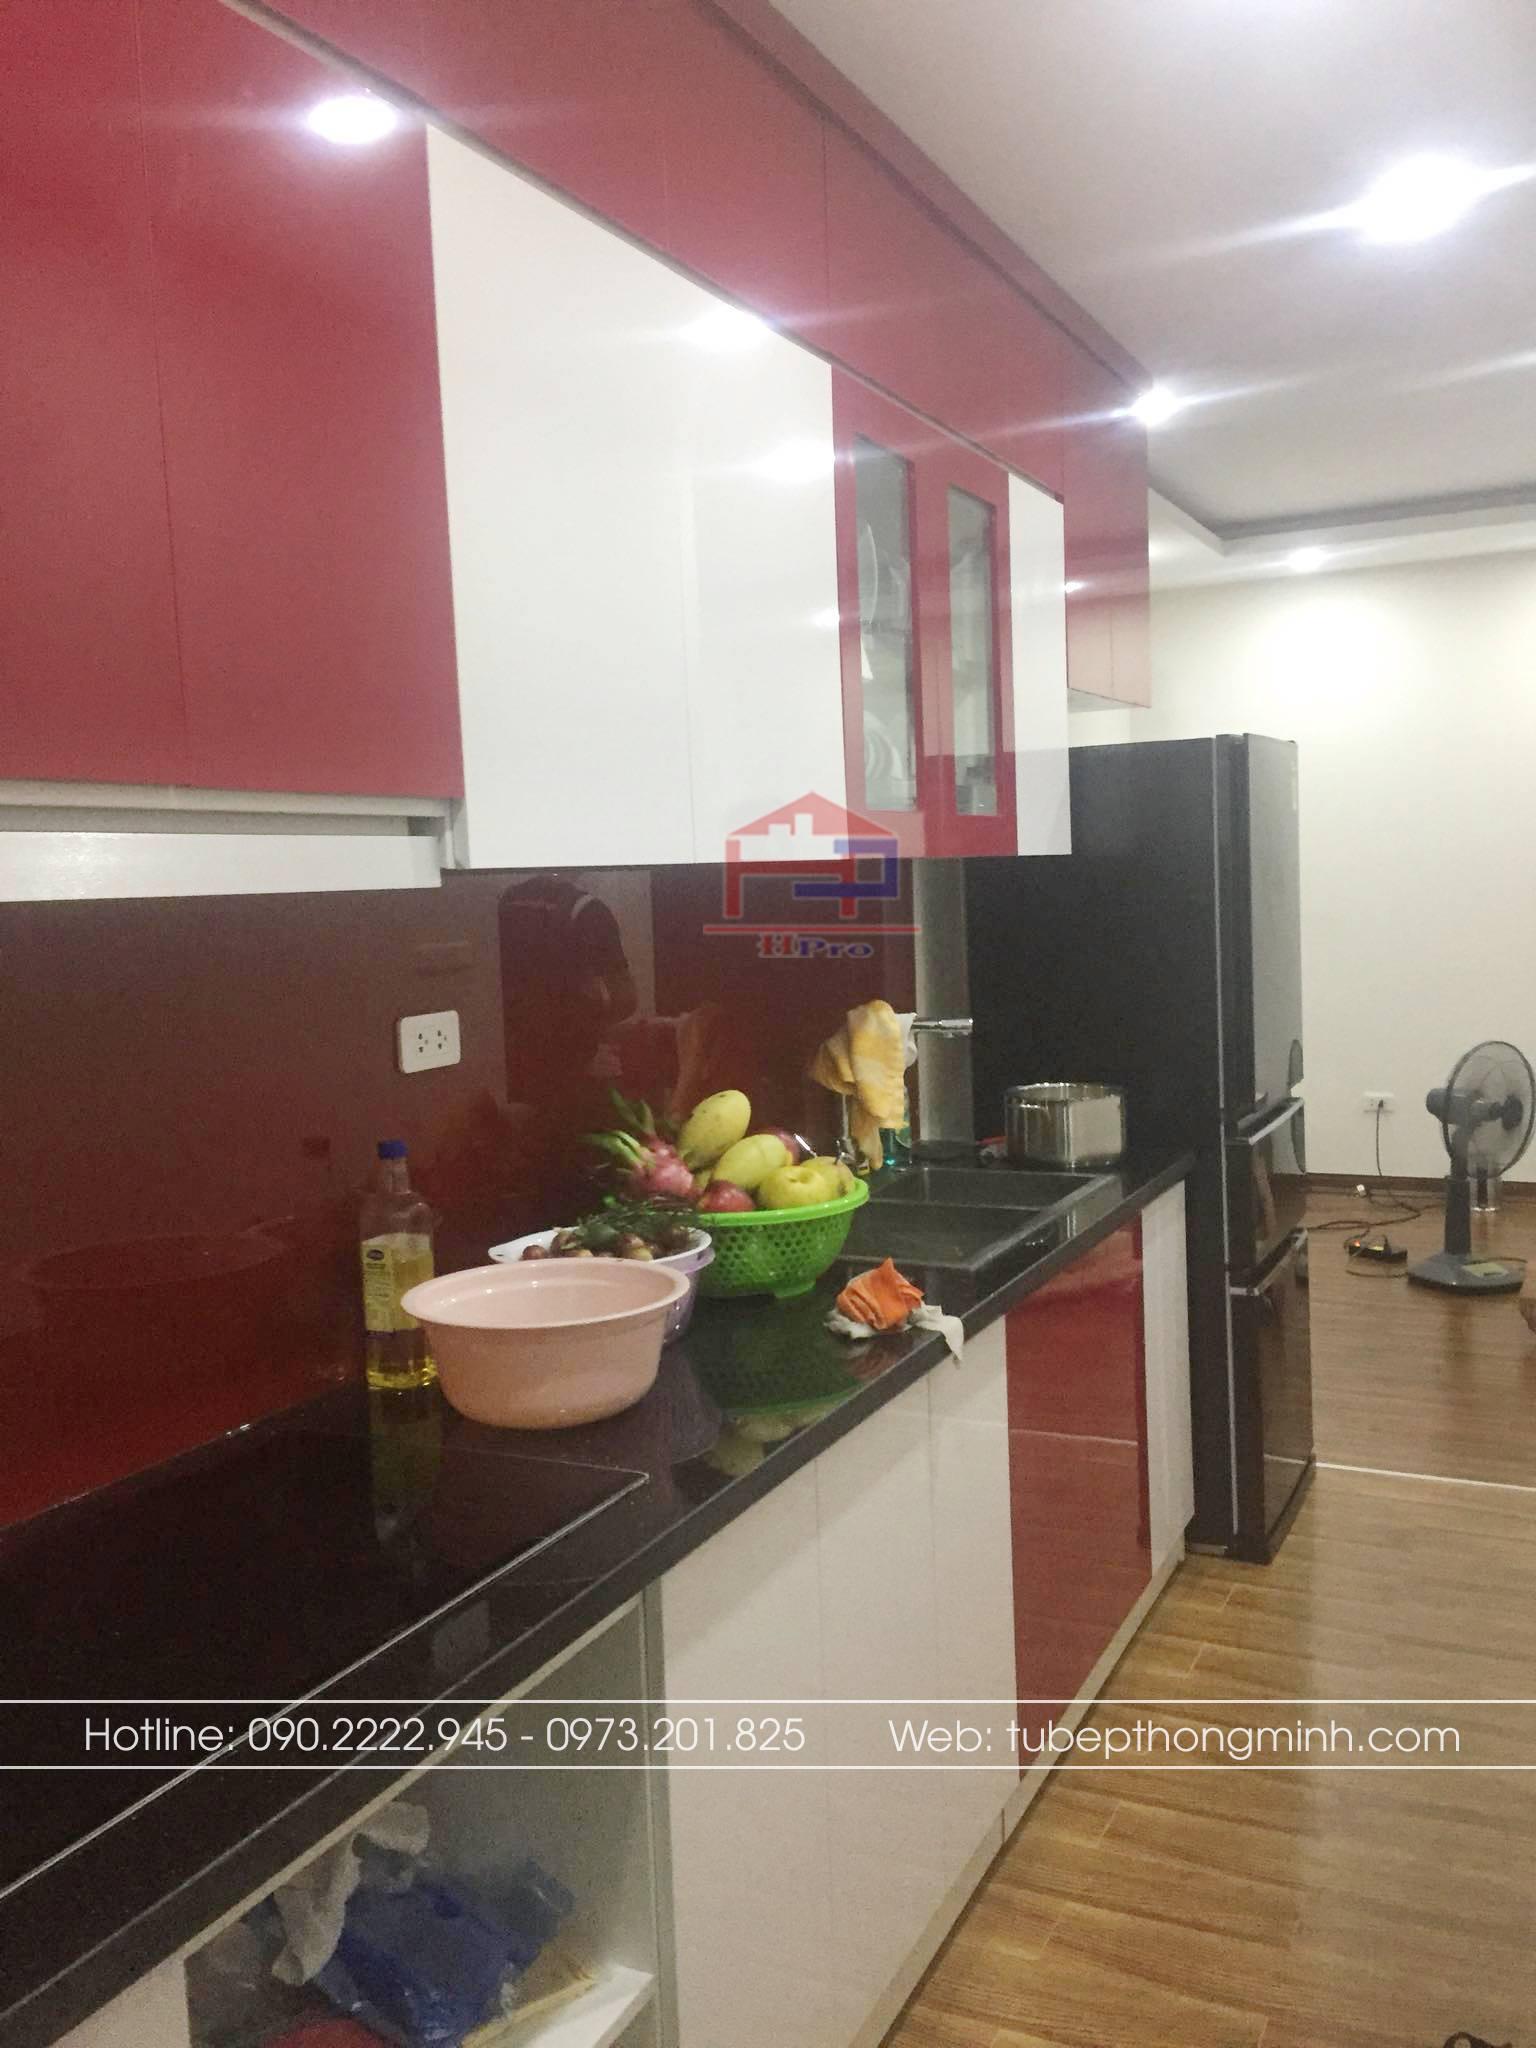 Ảnh thực tế tủ bếp acrylic màu đỏ - trắng nhà anh Vinh do Hpro thiết kế và thi công lắp đặt